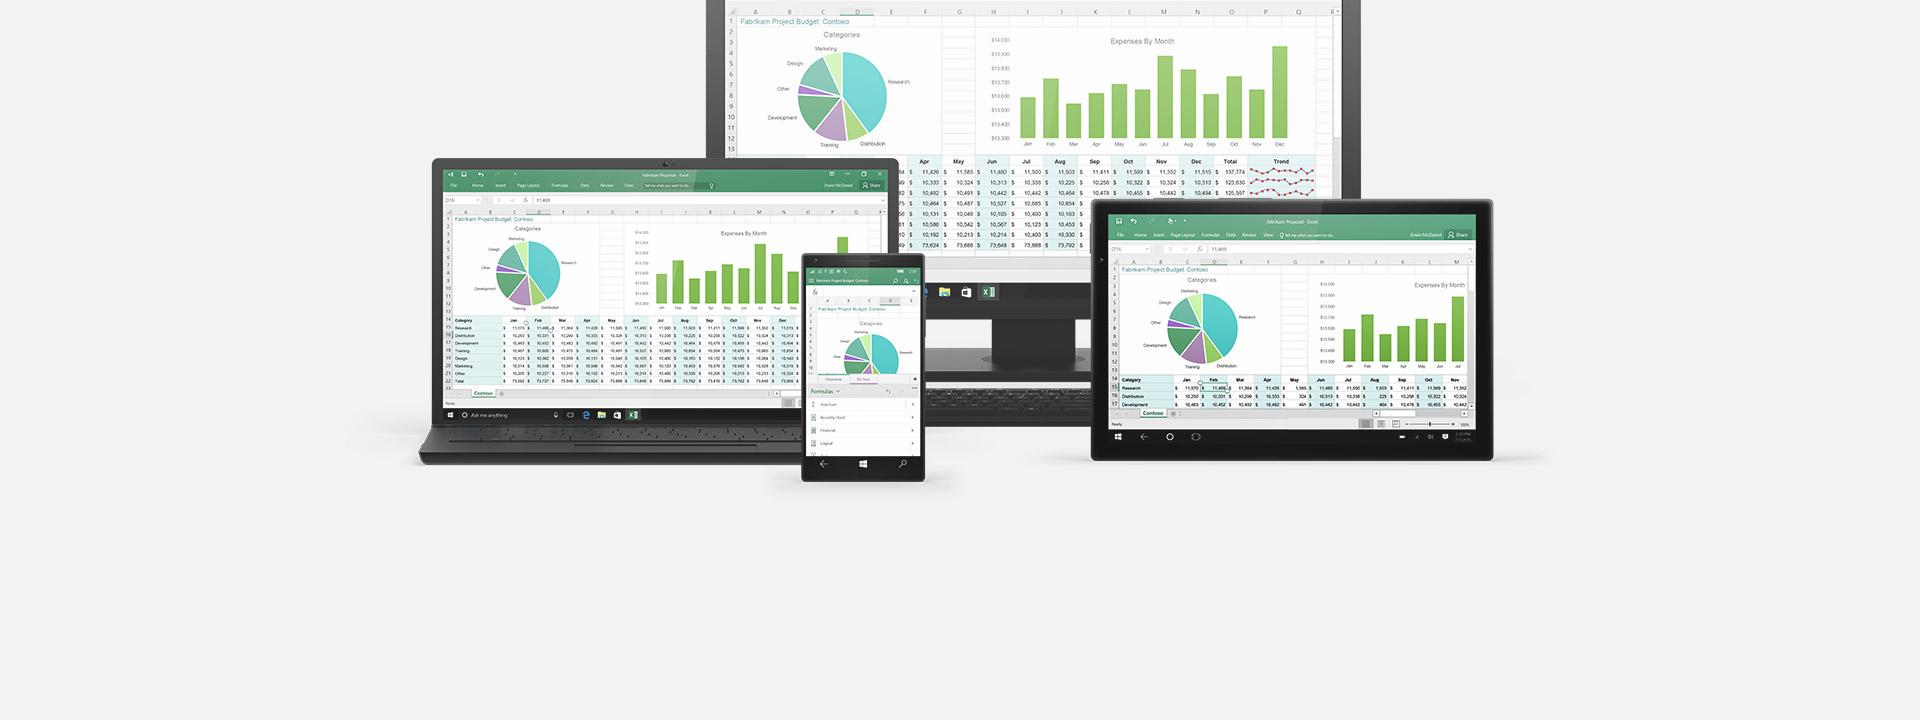 Više uređaja, kupite Office 365